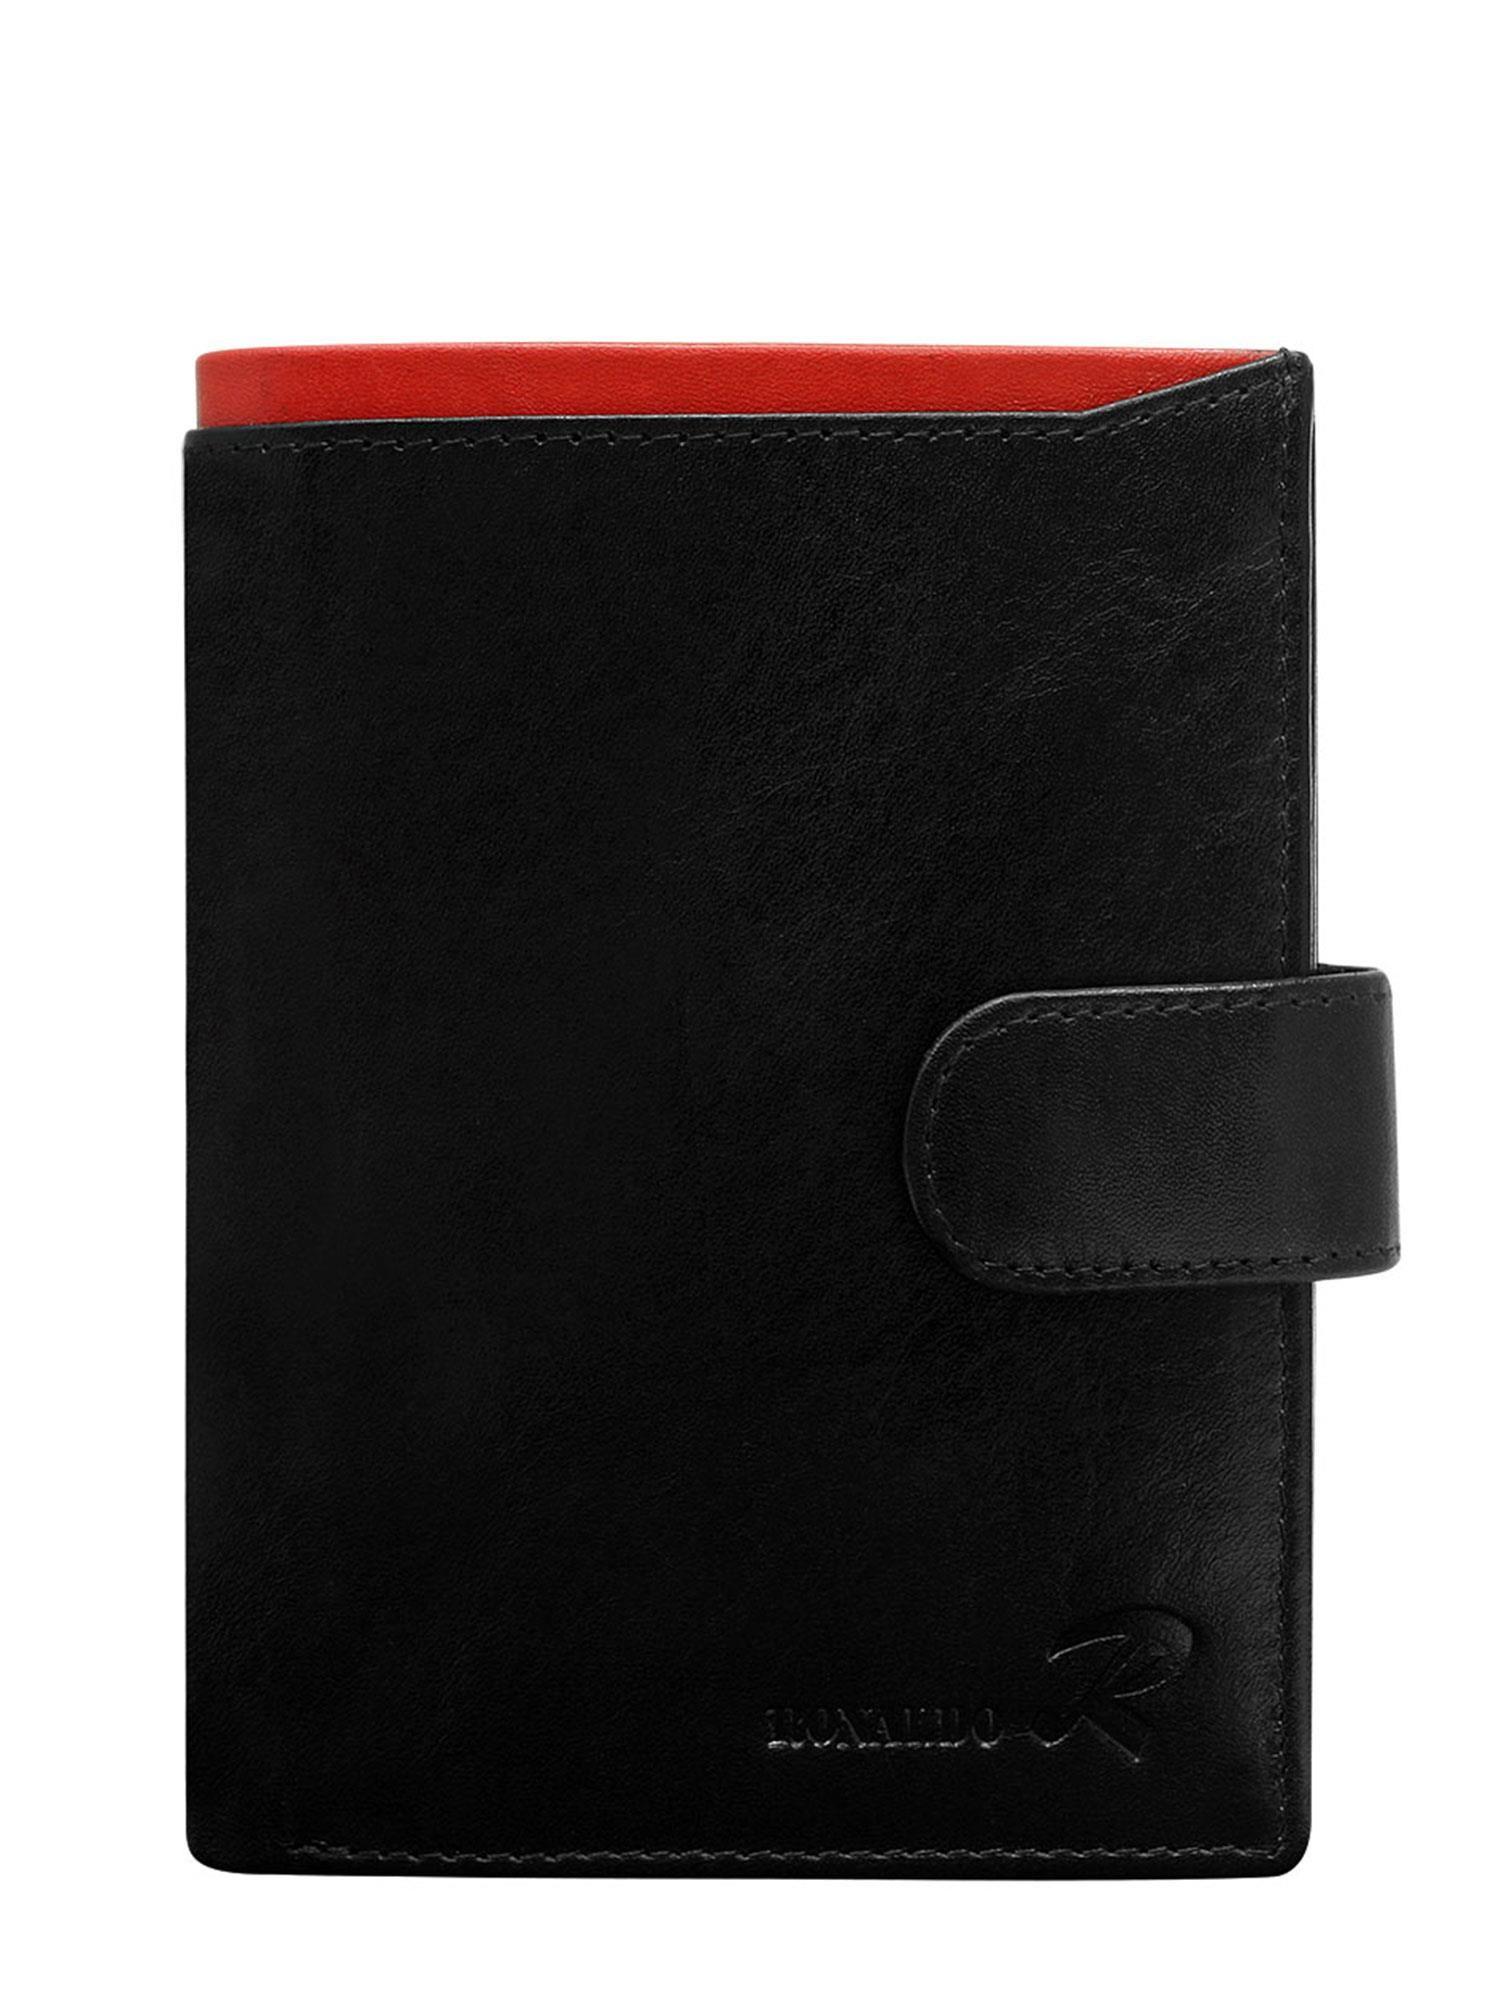 c9447549112e2 Portfel męski skórzany pionowy czarny z czerwoną wstawką - Mężczyźni  portfel męski - sklep eButik.pl